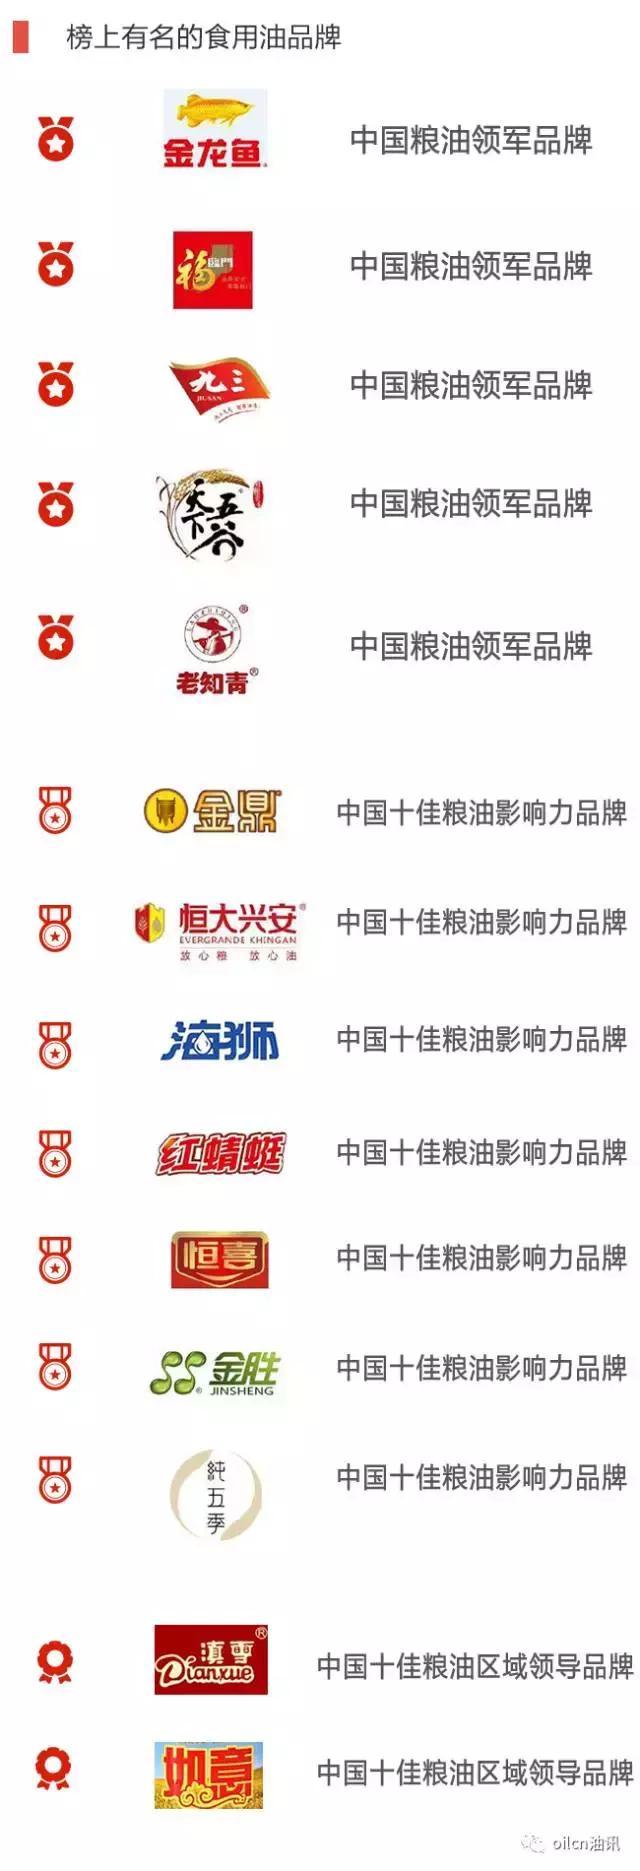 榜上有名|「中國百佳糧油企業榜」發布,哪些油企和品牌在領跑? - 每日頭條